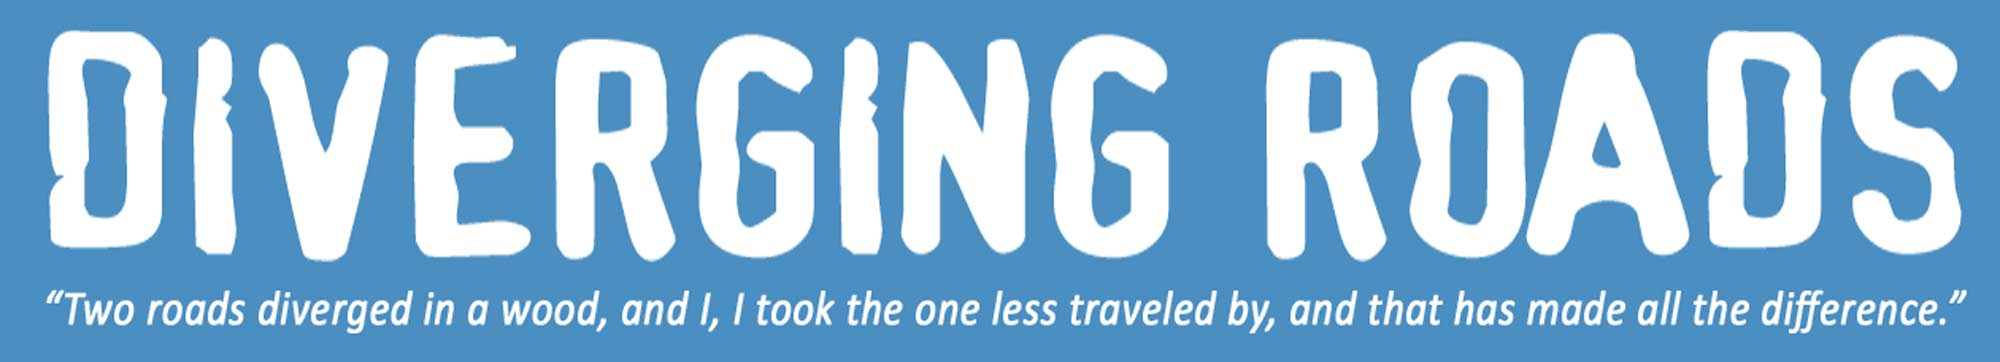 Diverging Roads header image